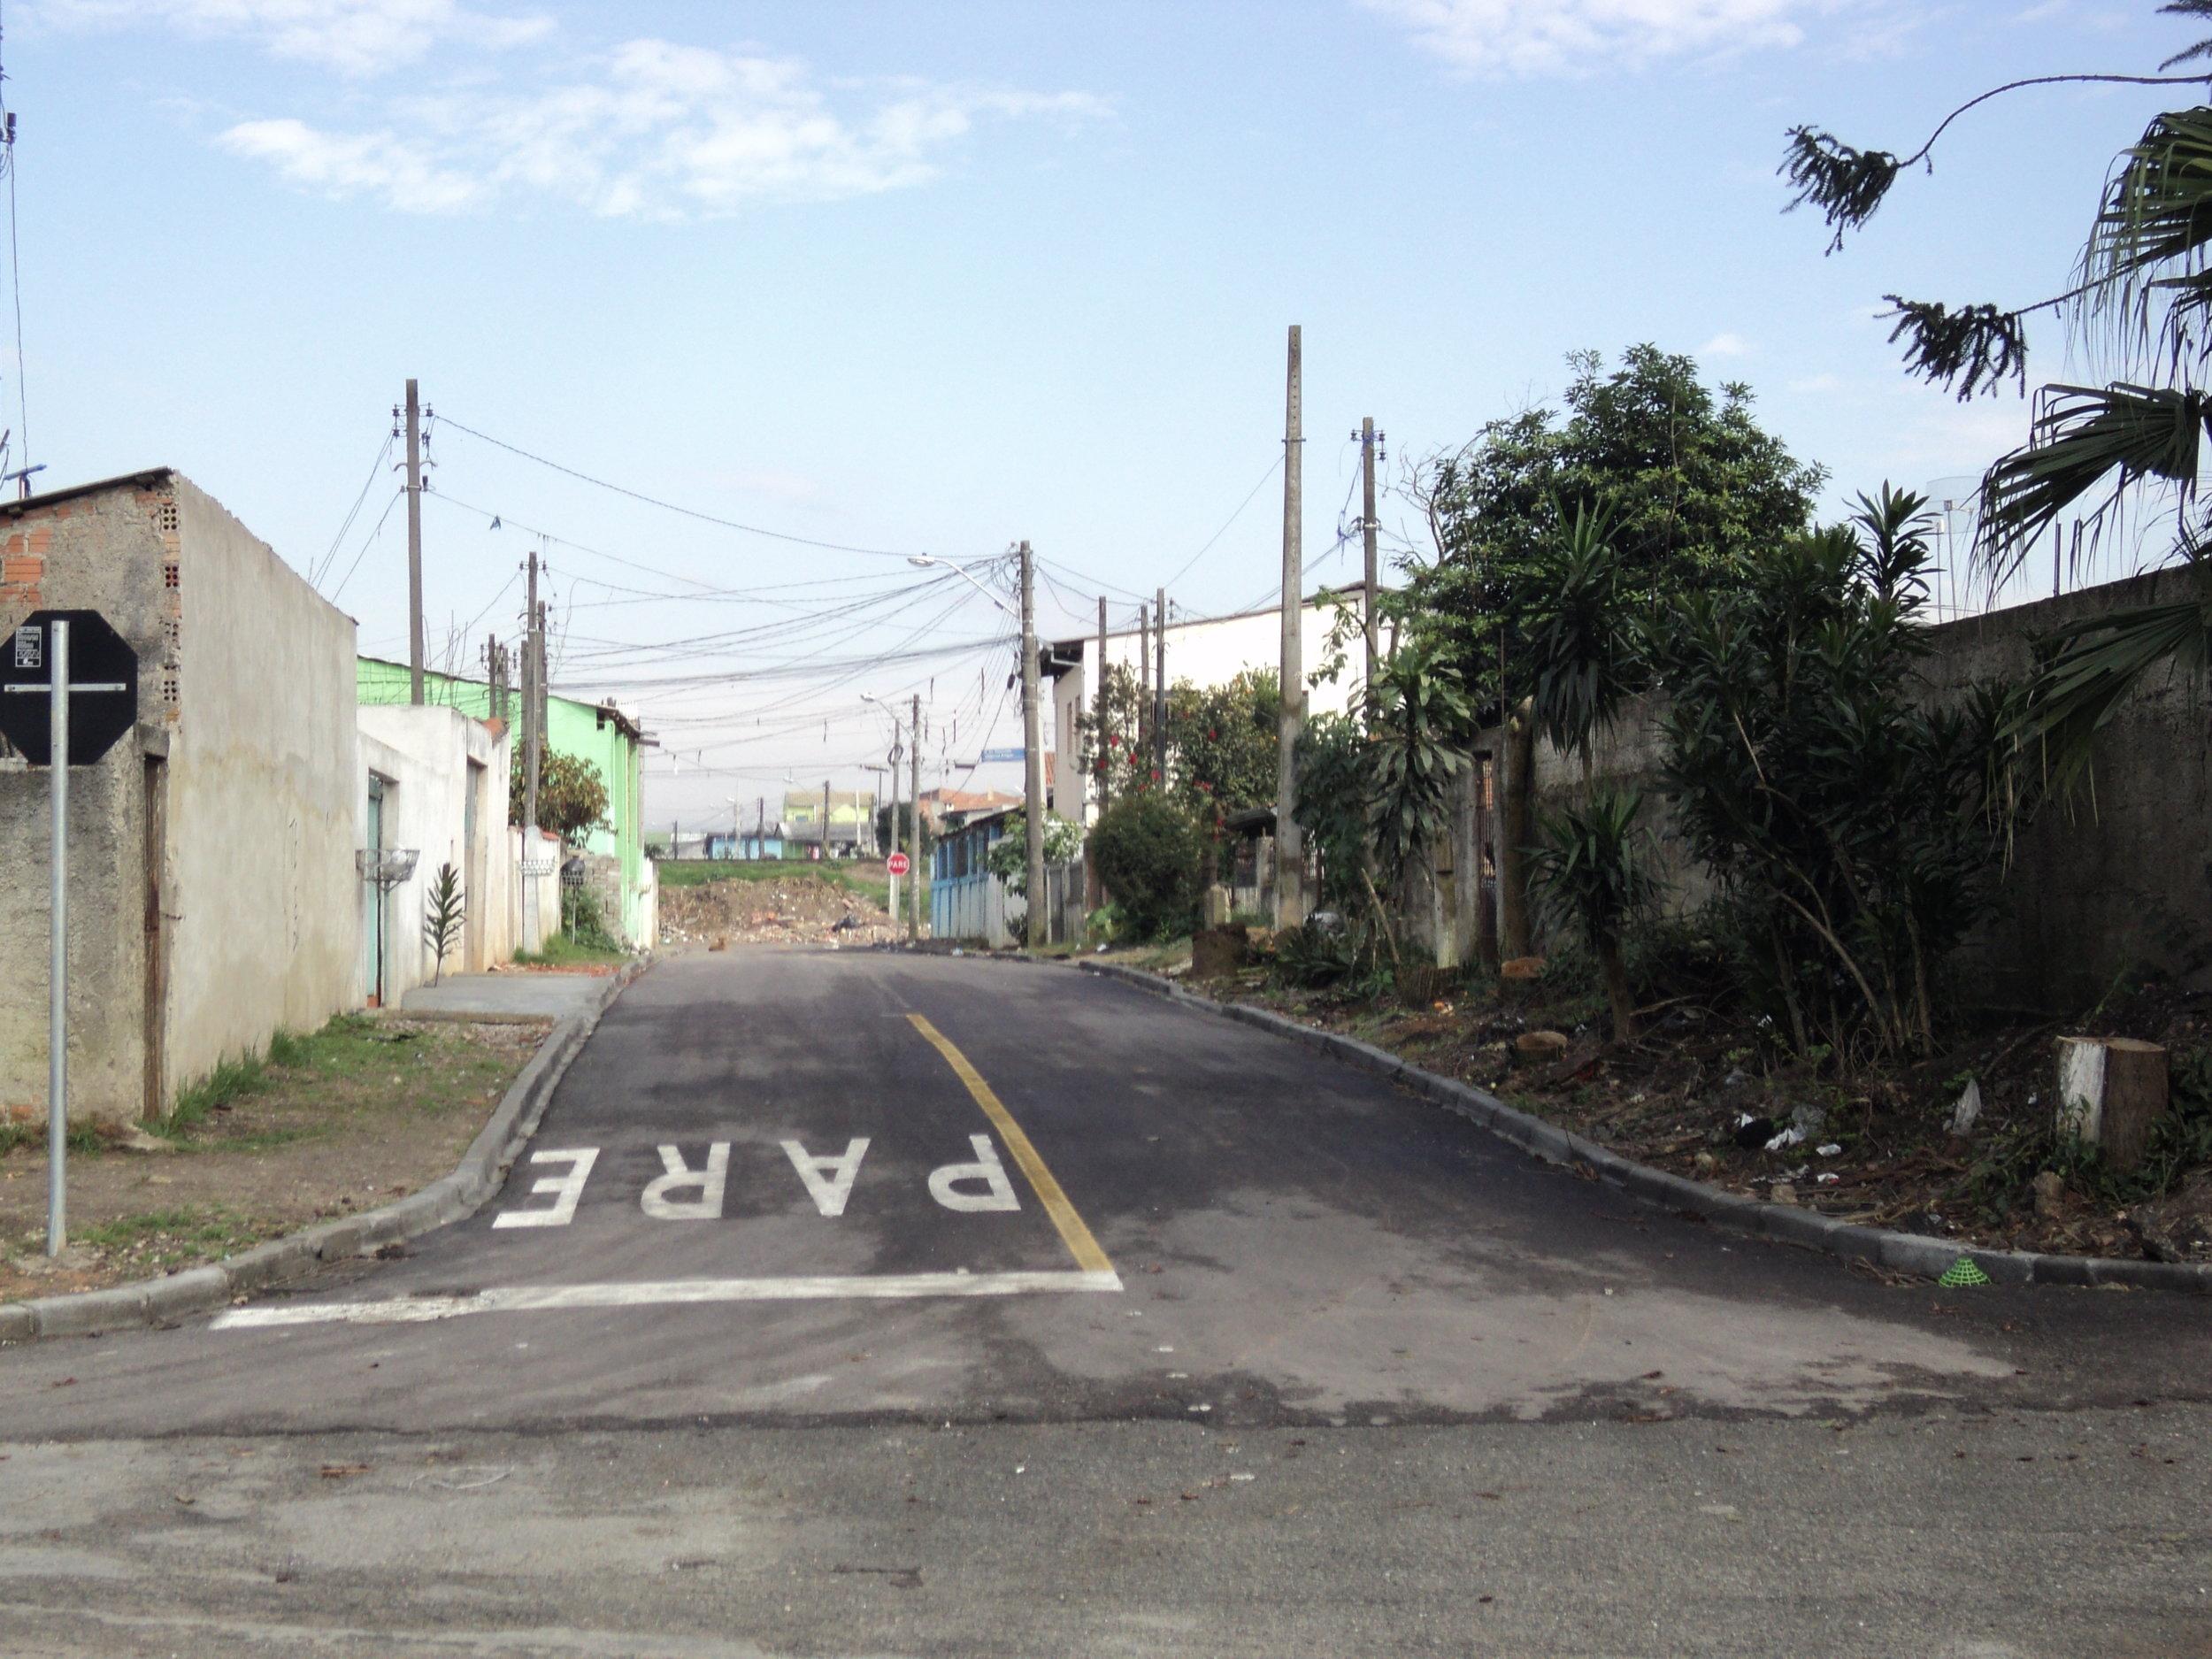 Rua David Affonso Kreitlow, entre a linha férrea e Rua Leonardo Novicki, V. São Domingos